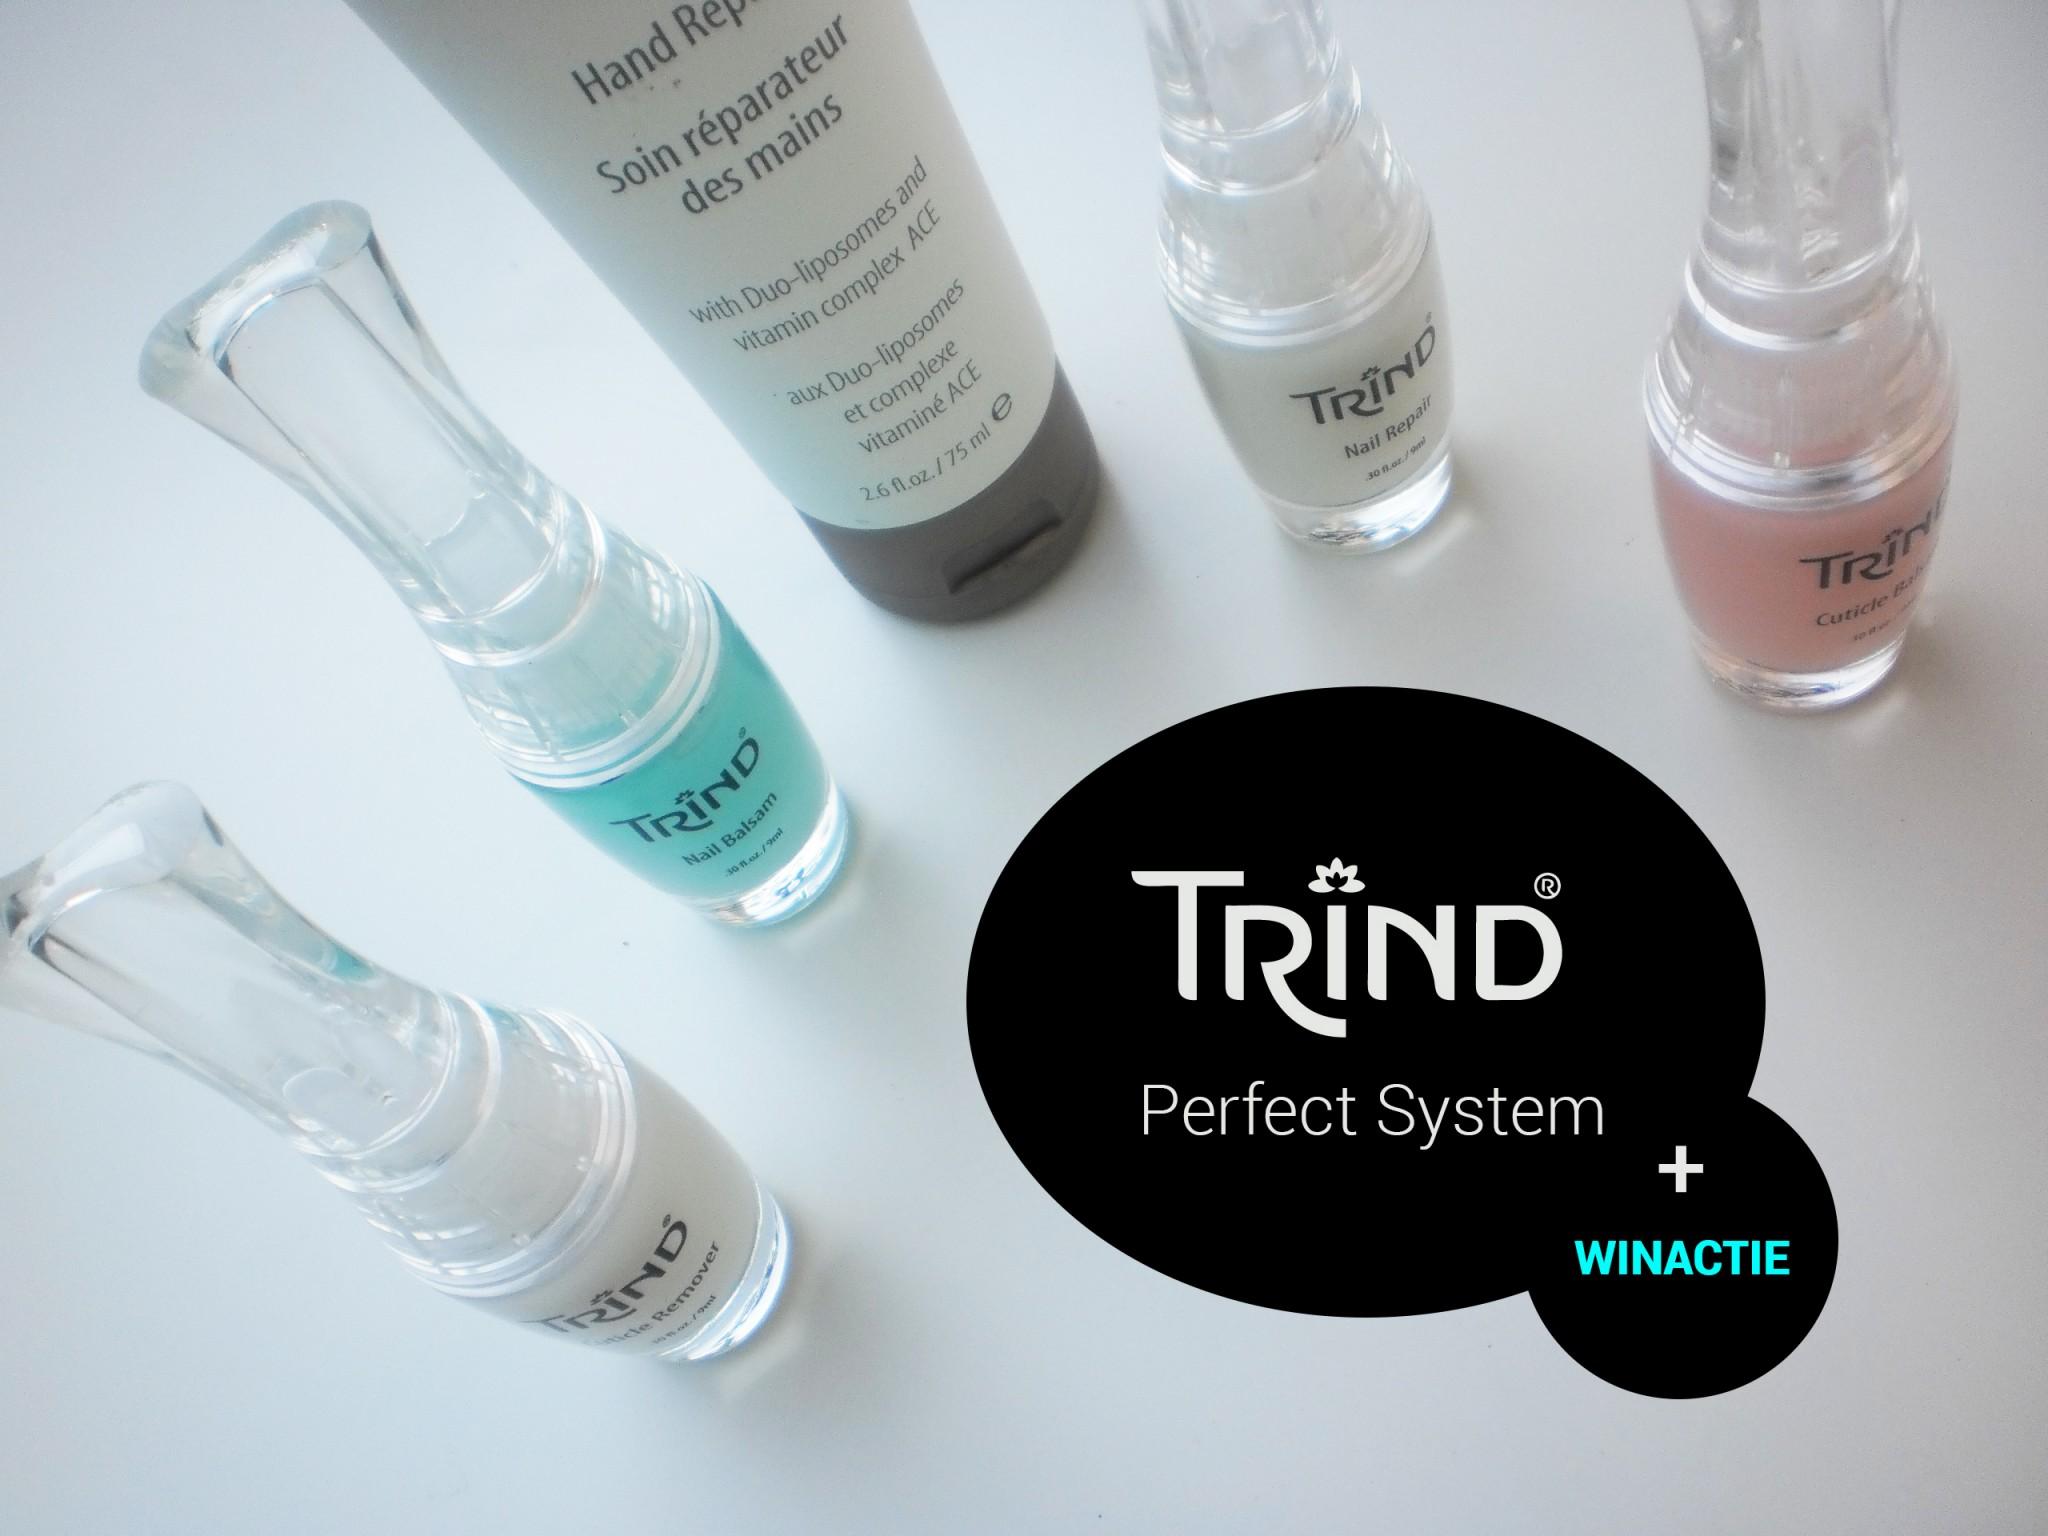 Win een Trind Perfect System Set! (gesloten)